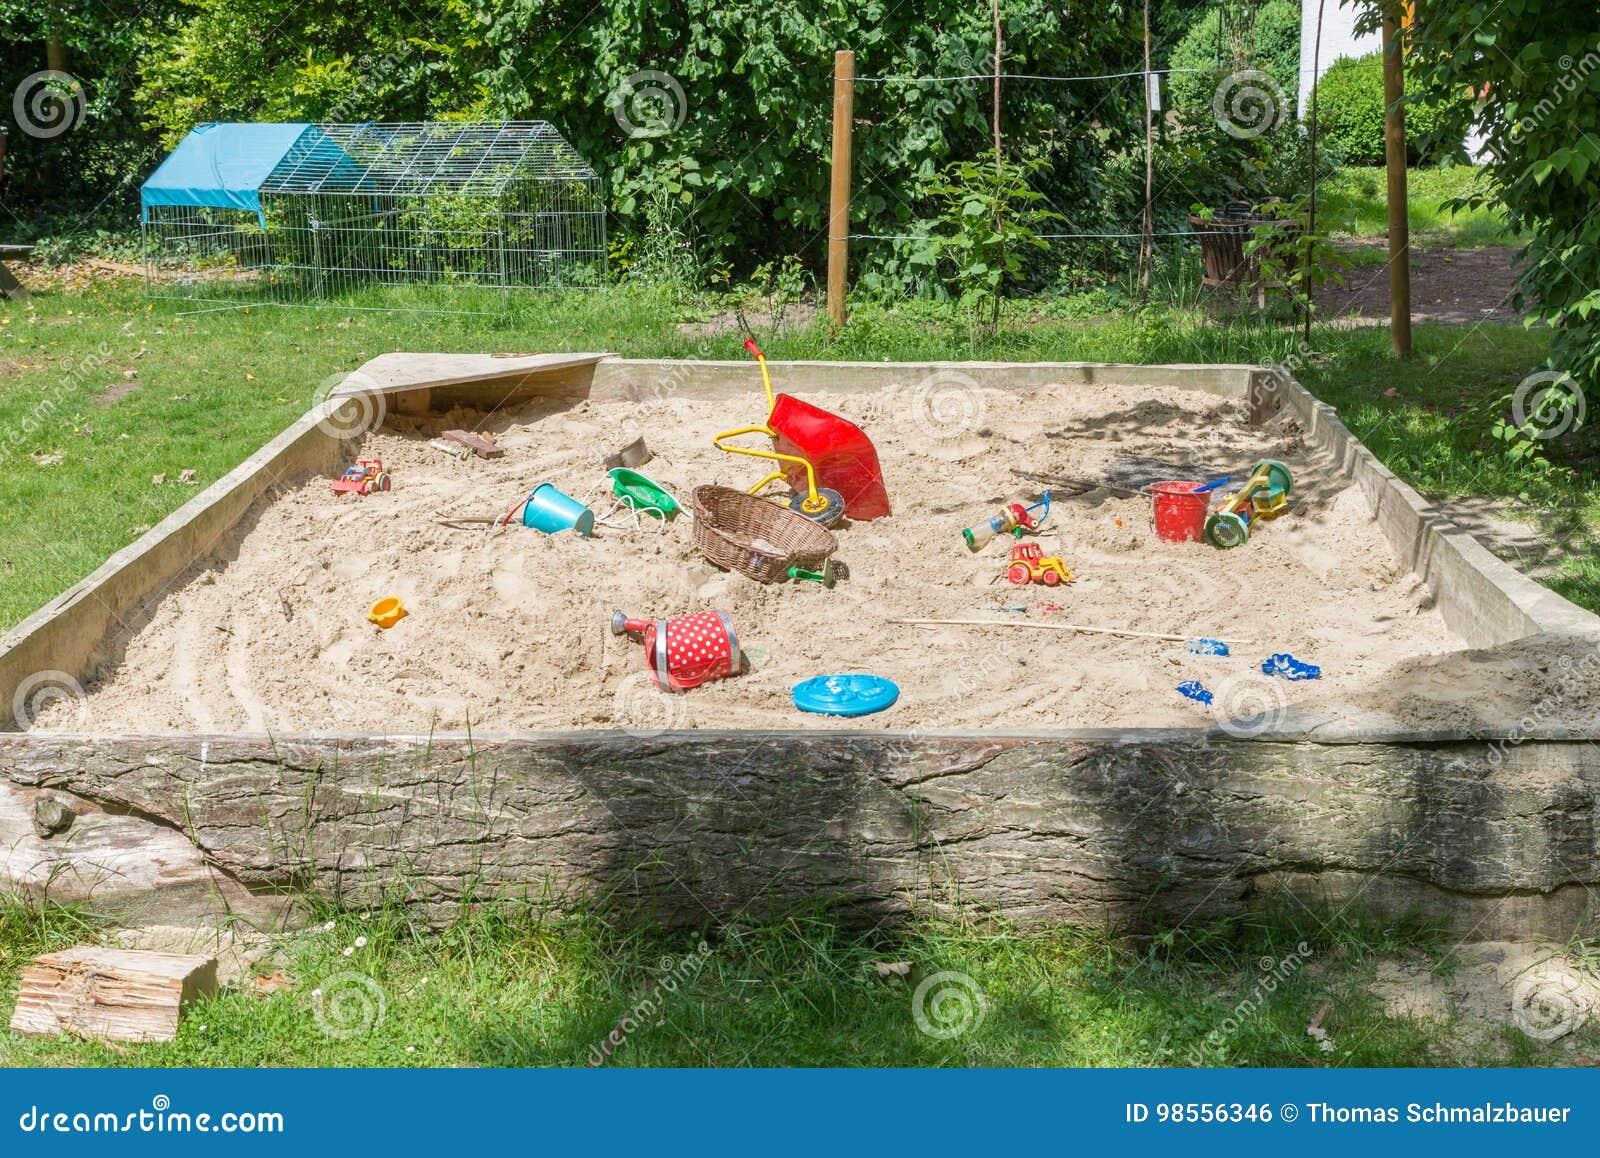 großer sandkasten mit vielen spielwaren in einem garten stockfoto